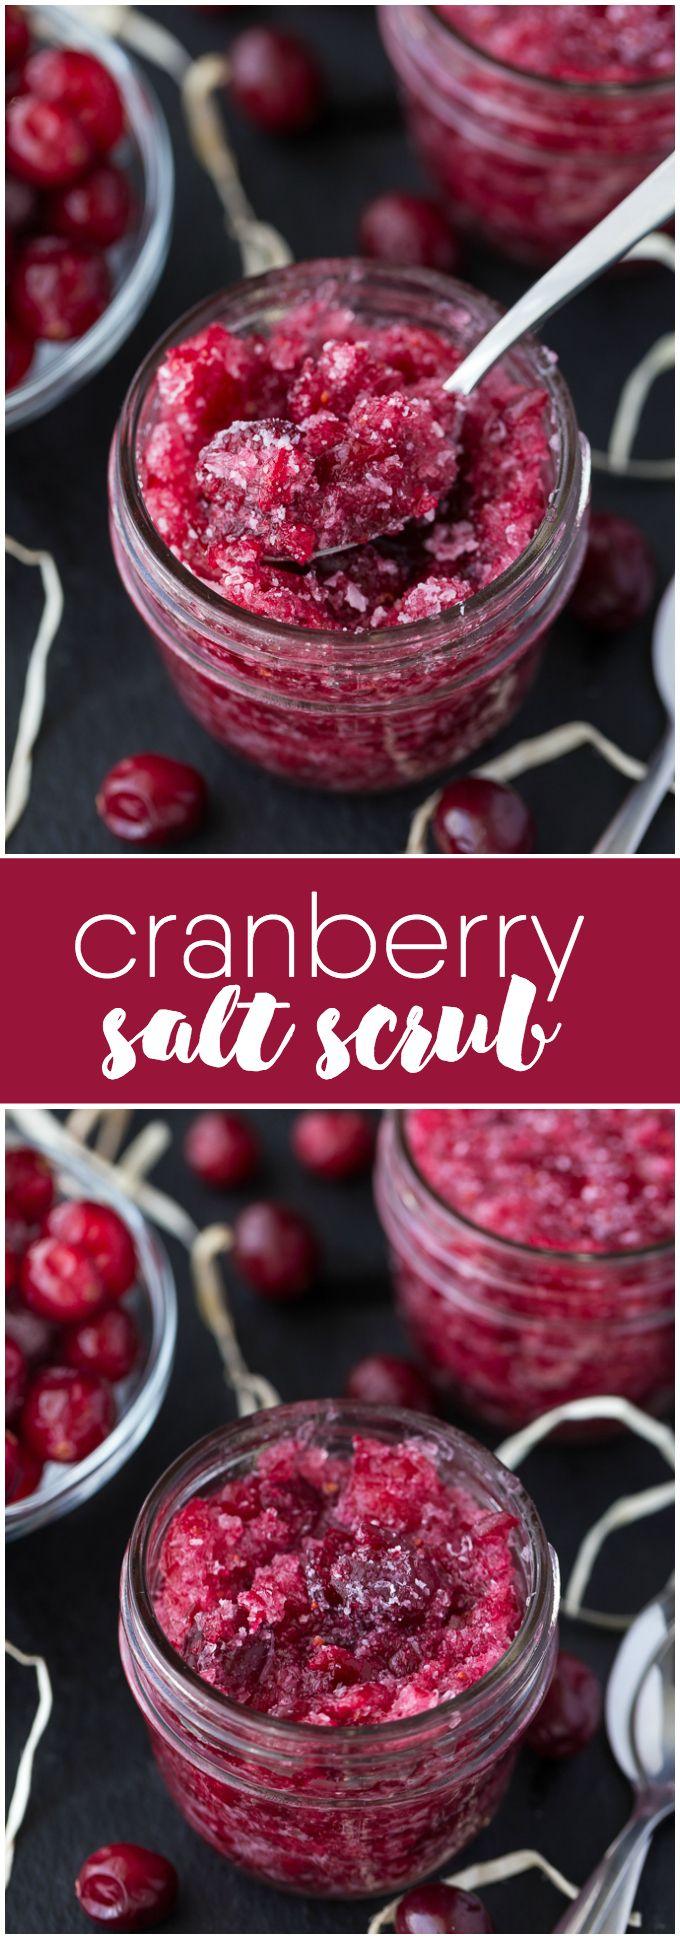 Cranberry Salt Scrub #diybeauty